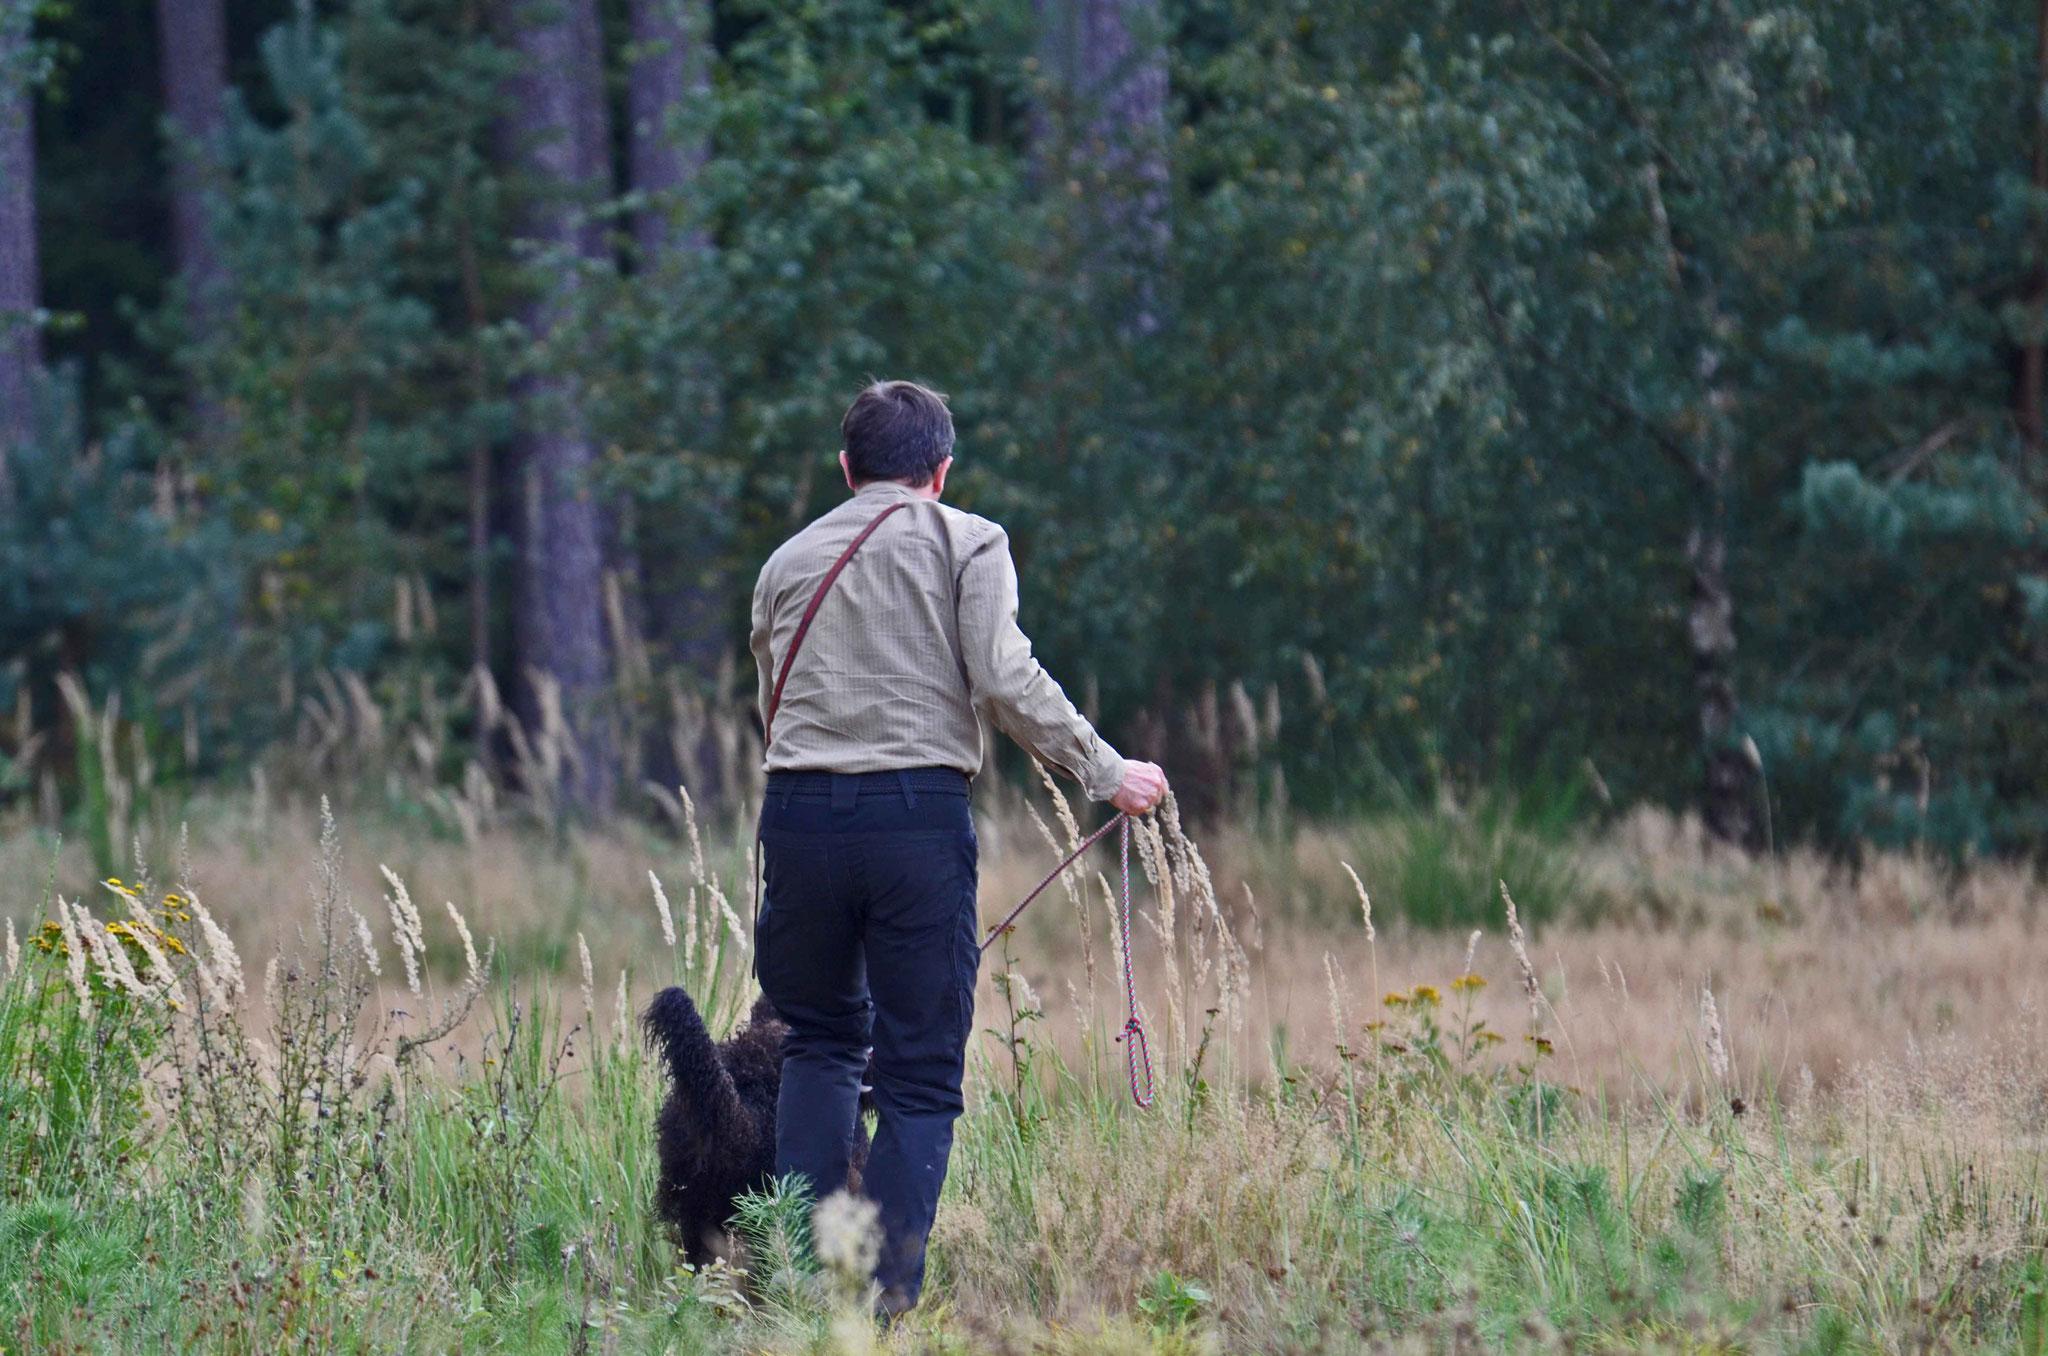 Am Anschuss ansetzen, wenn man ihn denn gleich findet :-) und dann seine Fellnase nach dem Festsaugen von der Ablaufleine lassen.